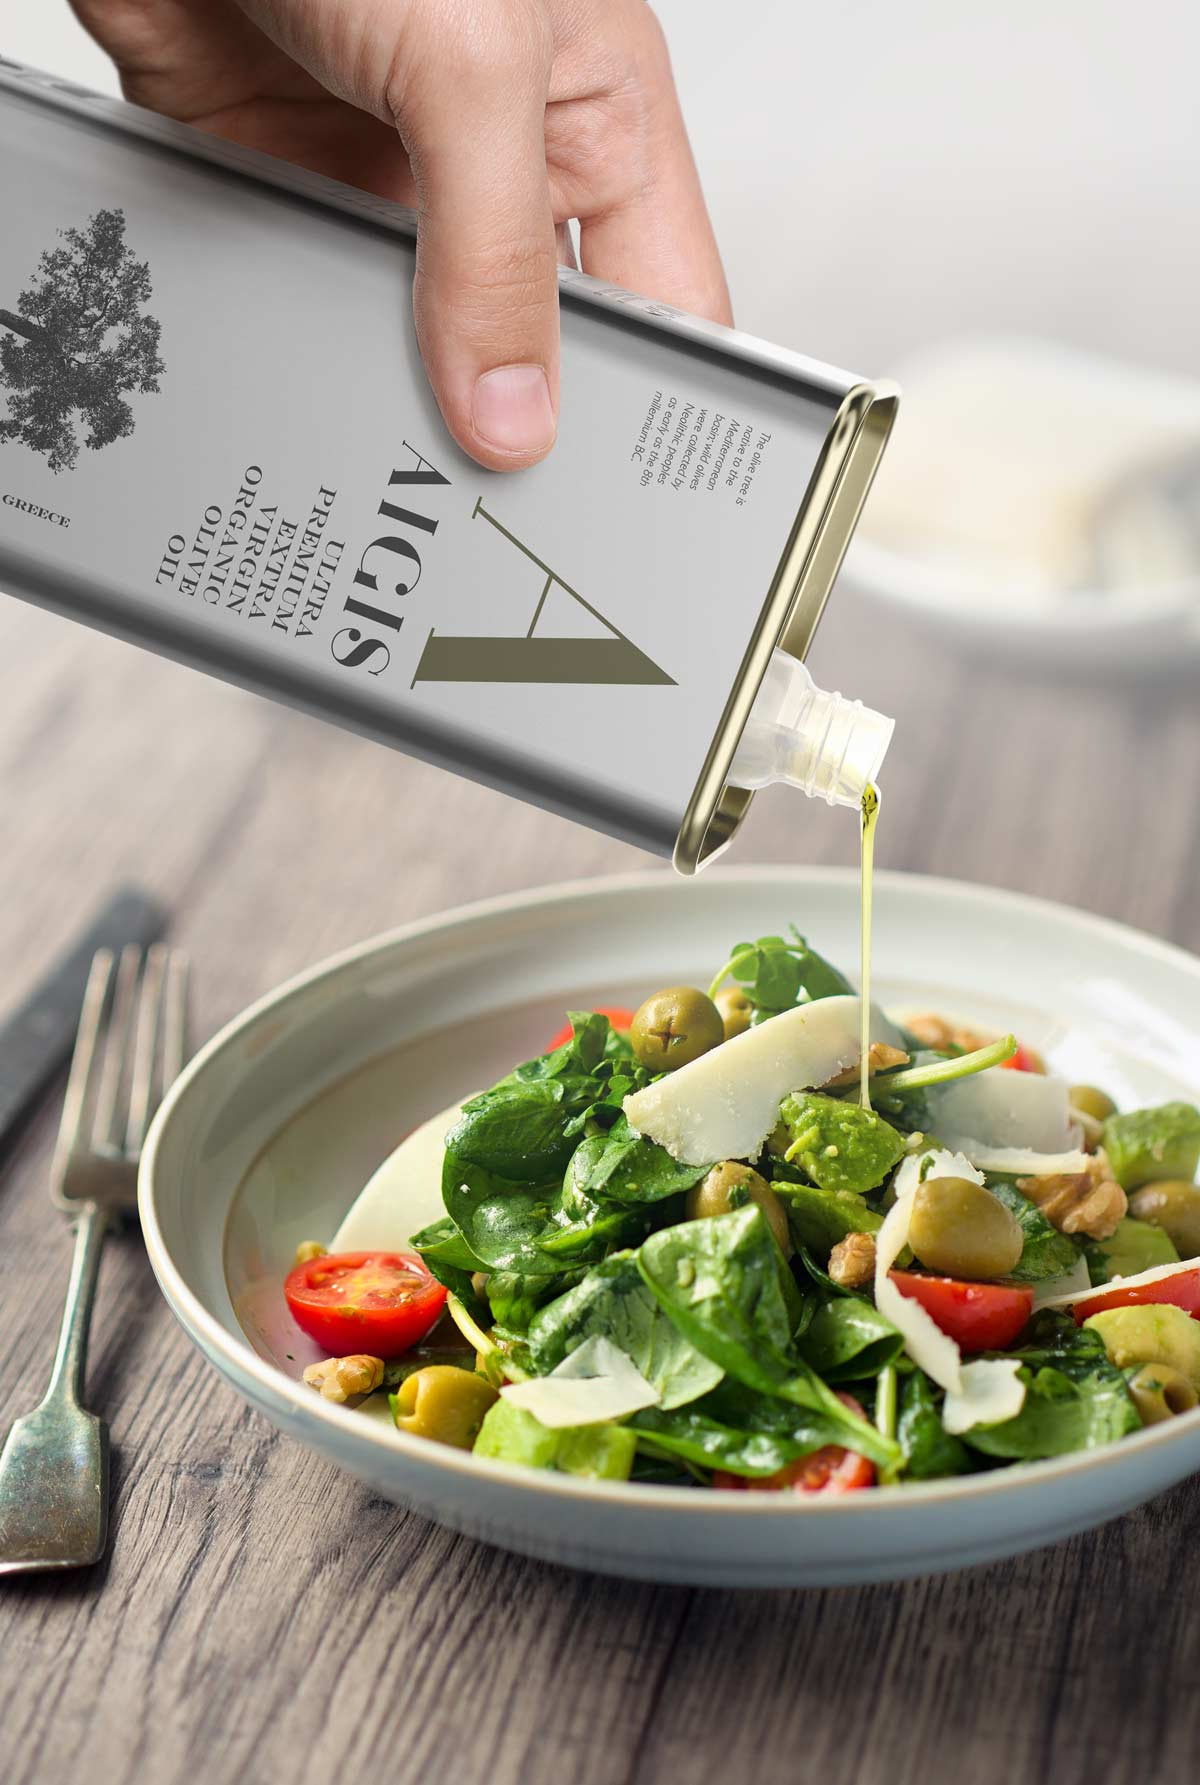 Aigis Extra Premium Organic Olive Oil